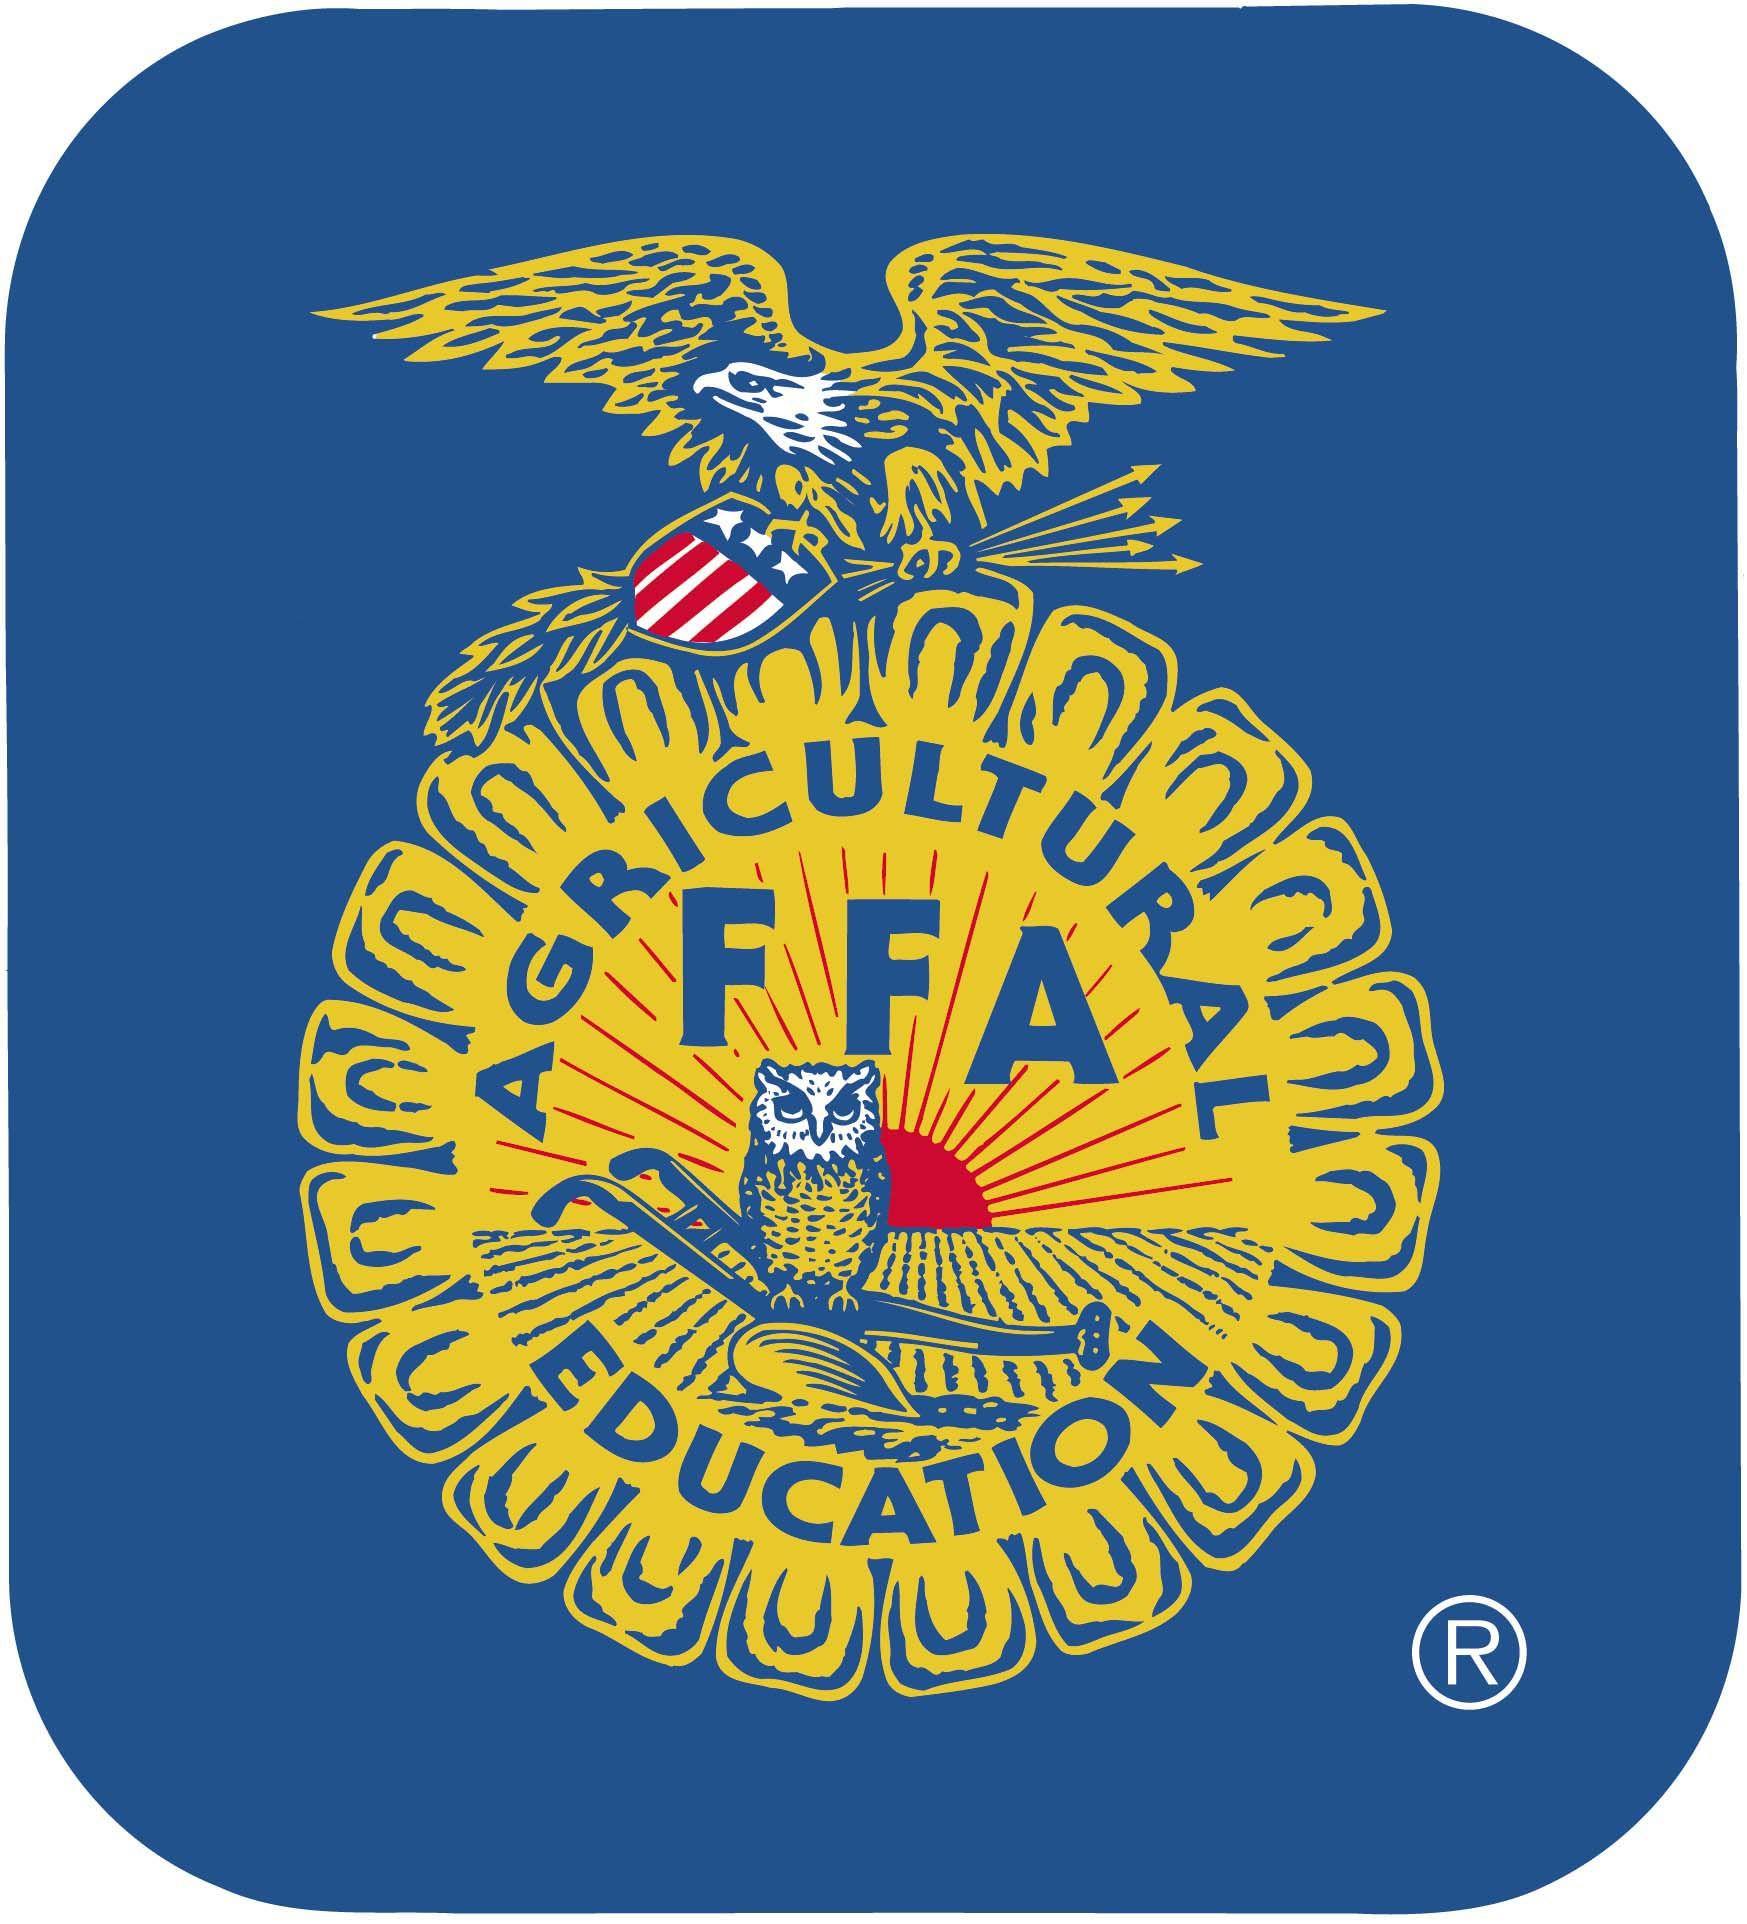 ffa logo vector google search primal pinterest ffa rh pinterest com Printable FFA Emblem FFA Emblem Outline